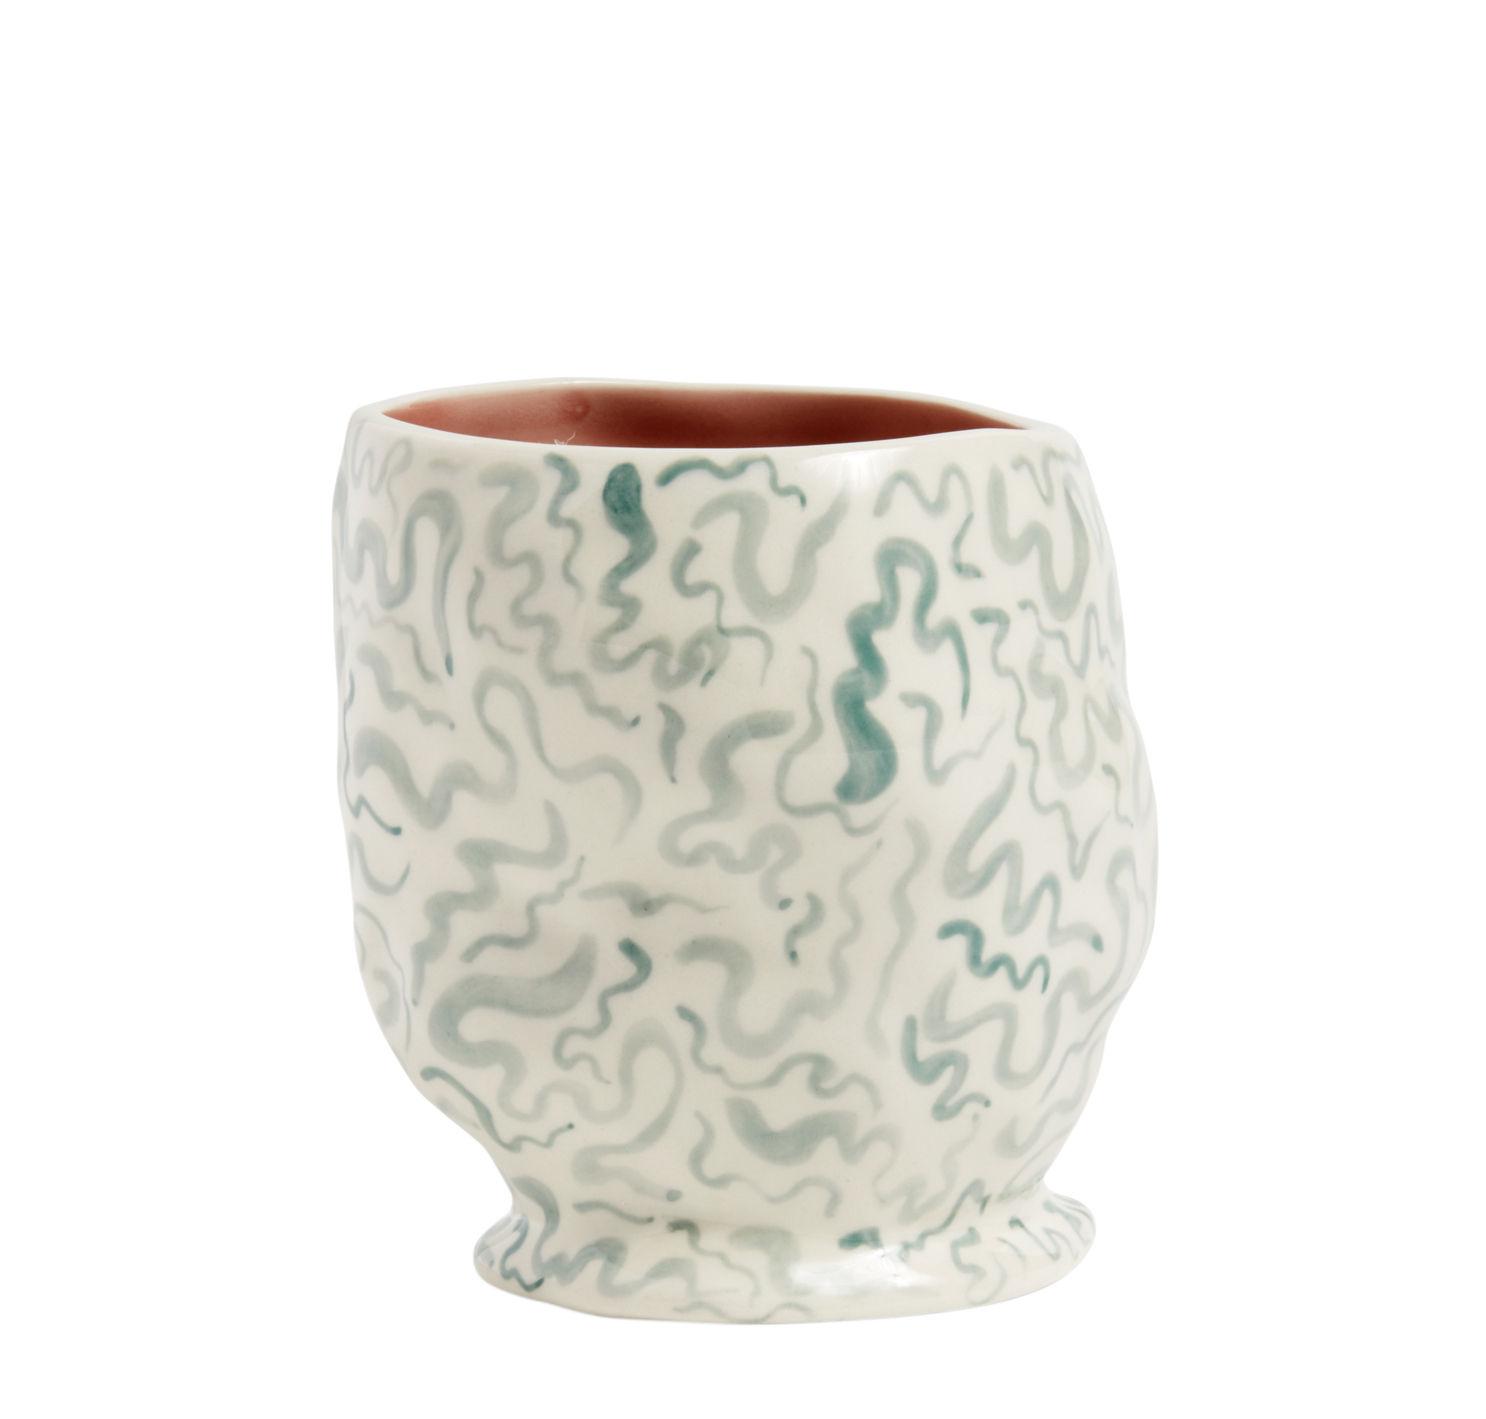 Arts de la table - Tasses et mugs - Mug Sherbet / Fait main - Grès - Hay - Blanc / Motifs colorés - Grès